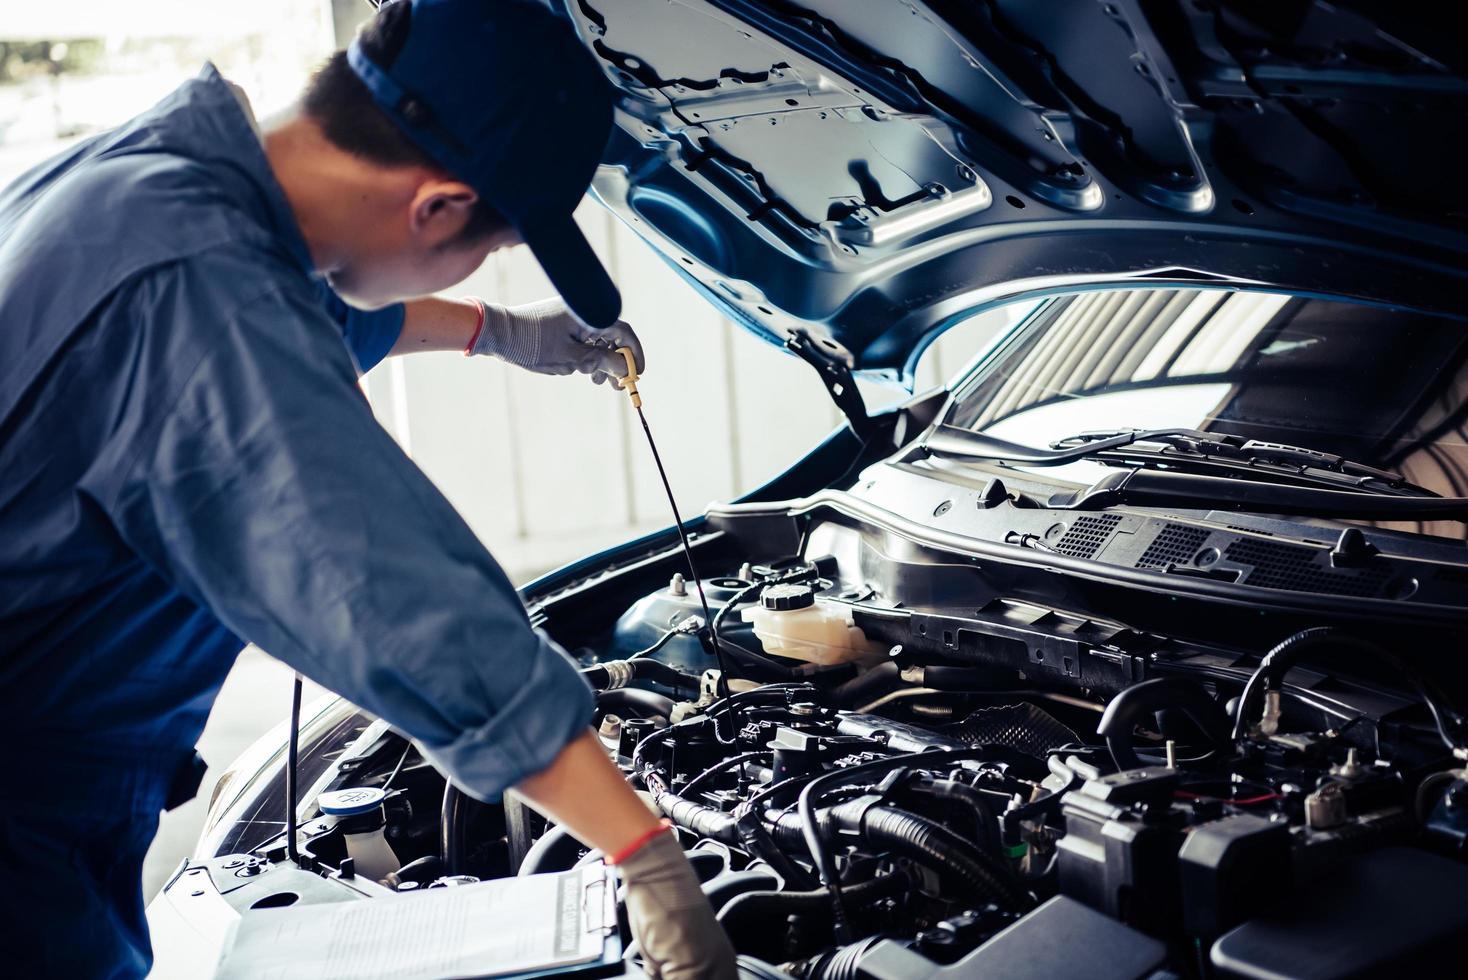 bilmekaniker utför en inspektion på fordonet foto